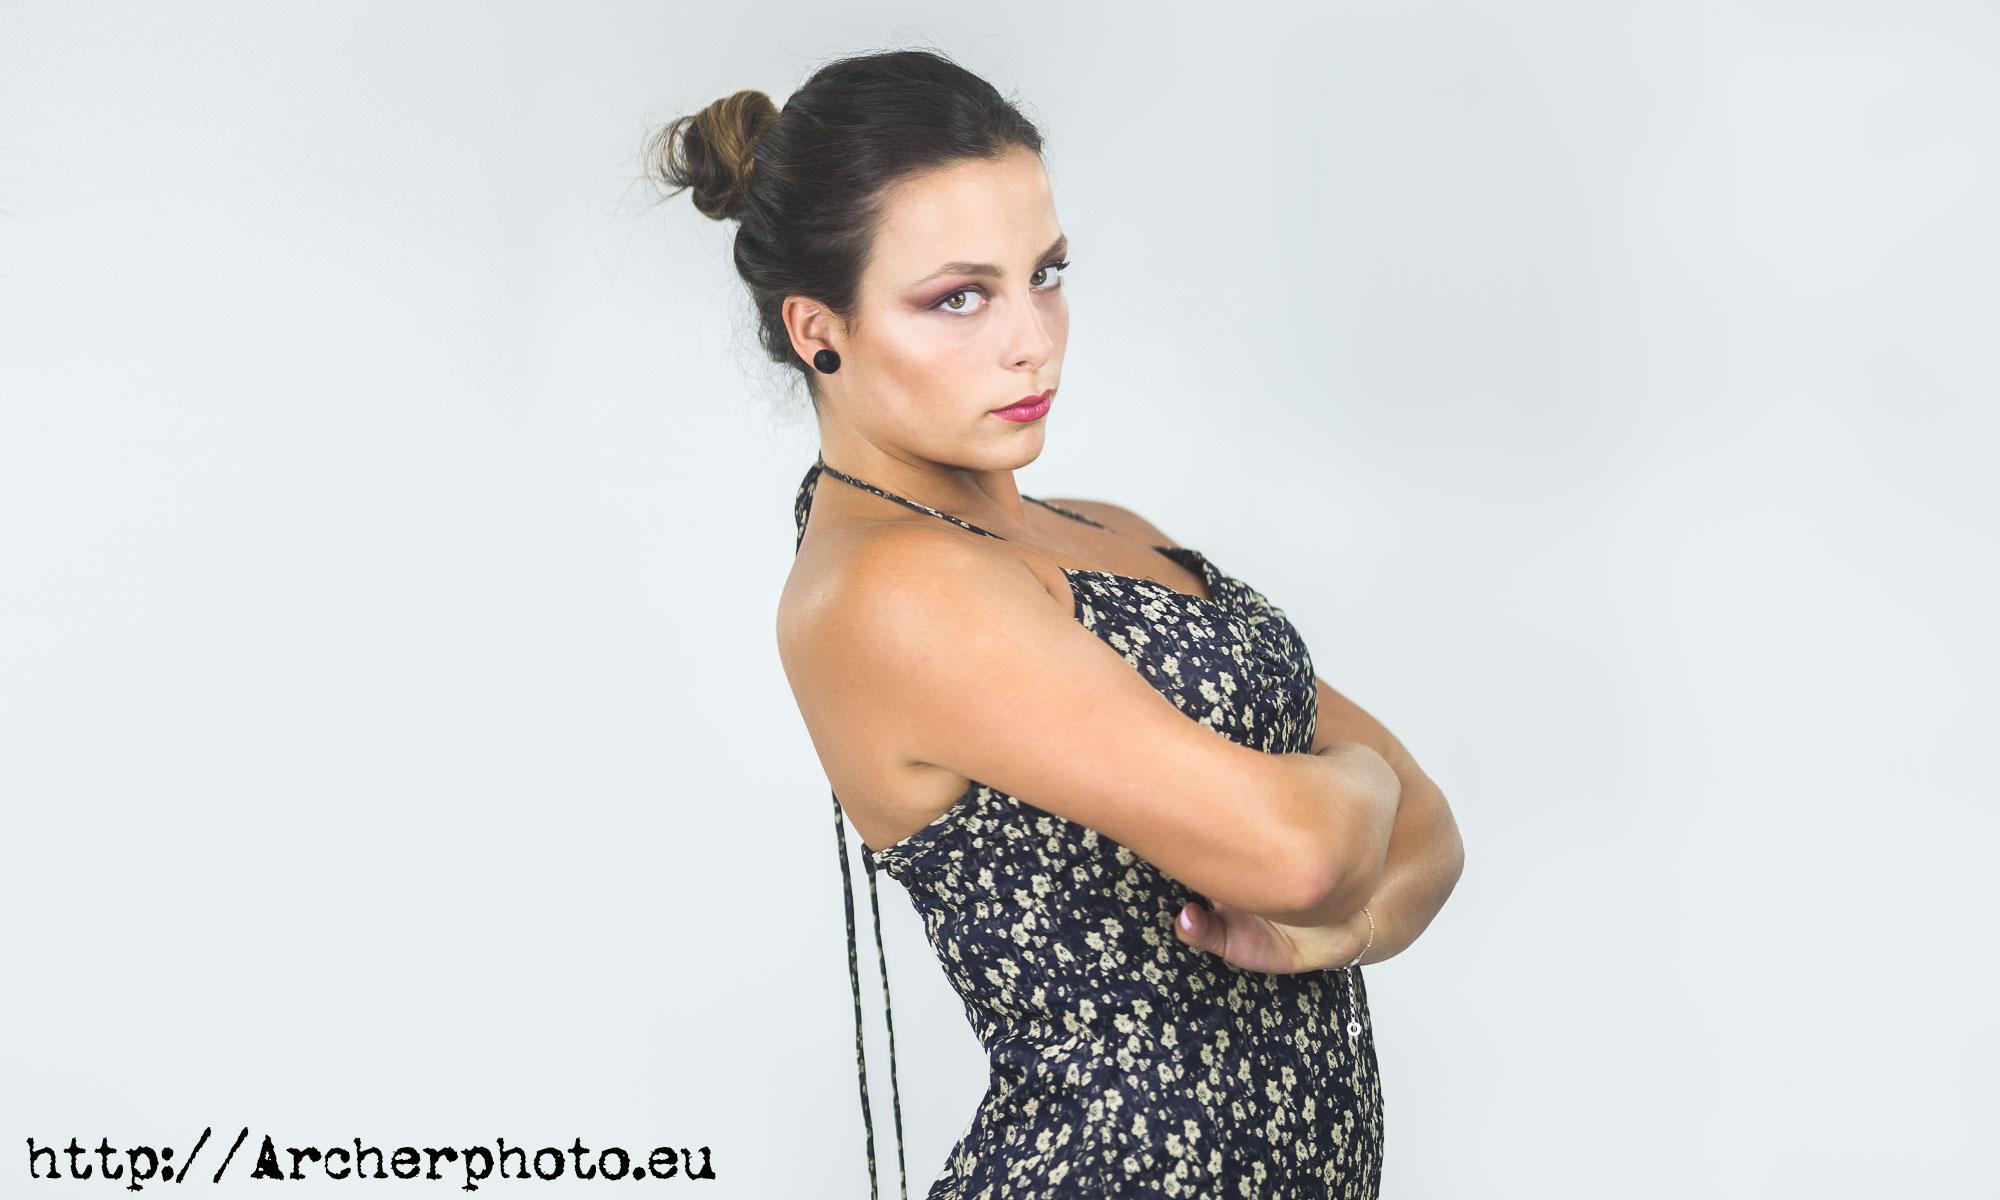 Patricia en el estudio, foto de Archerphoto fotógrafo